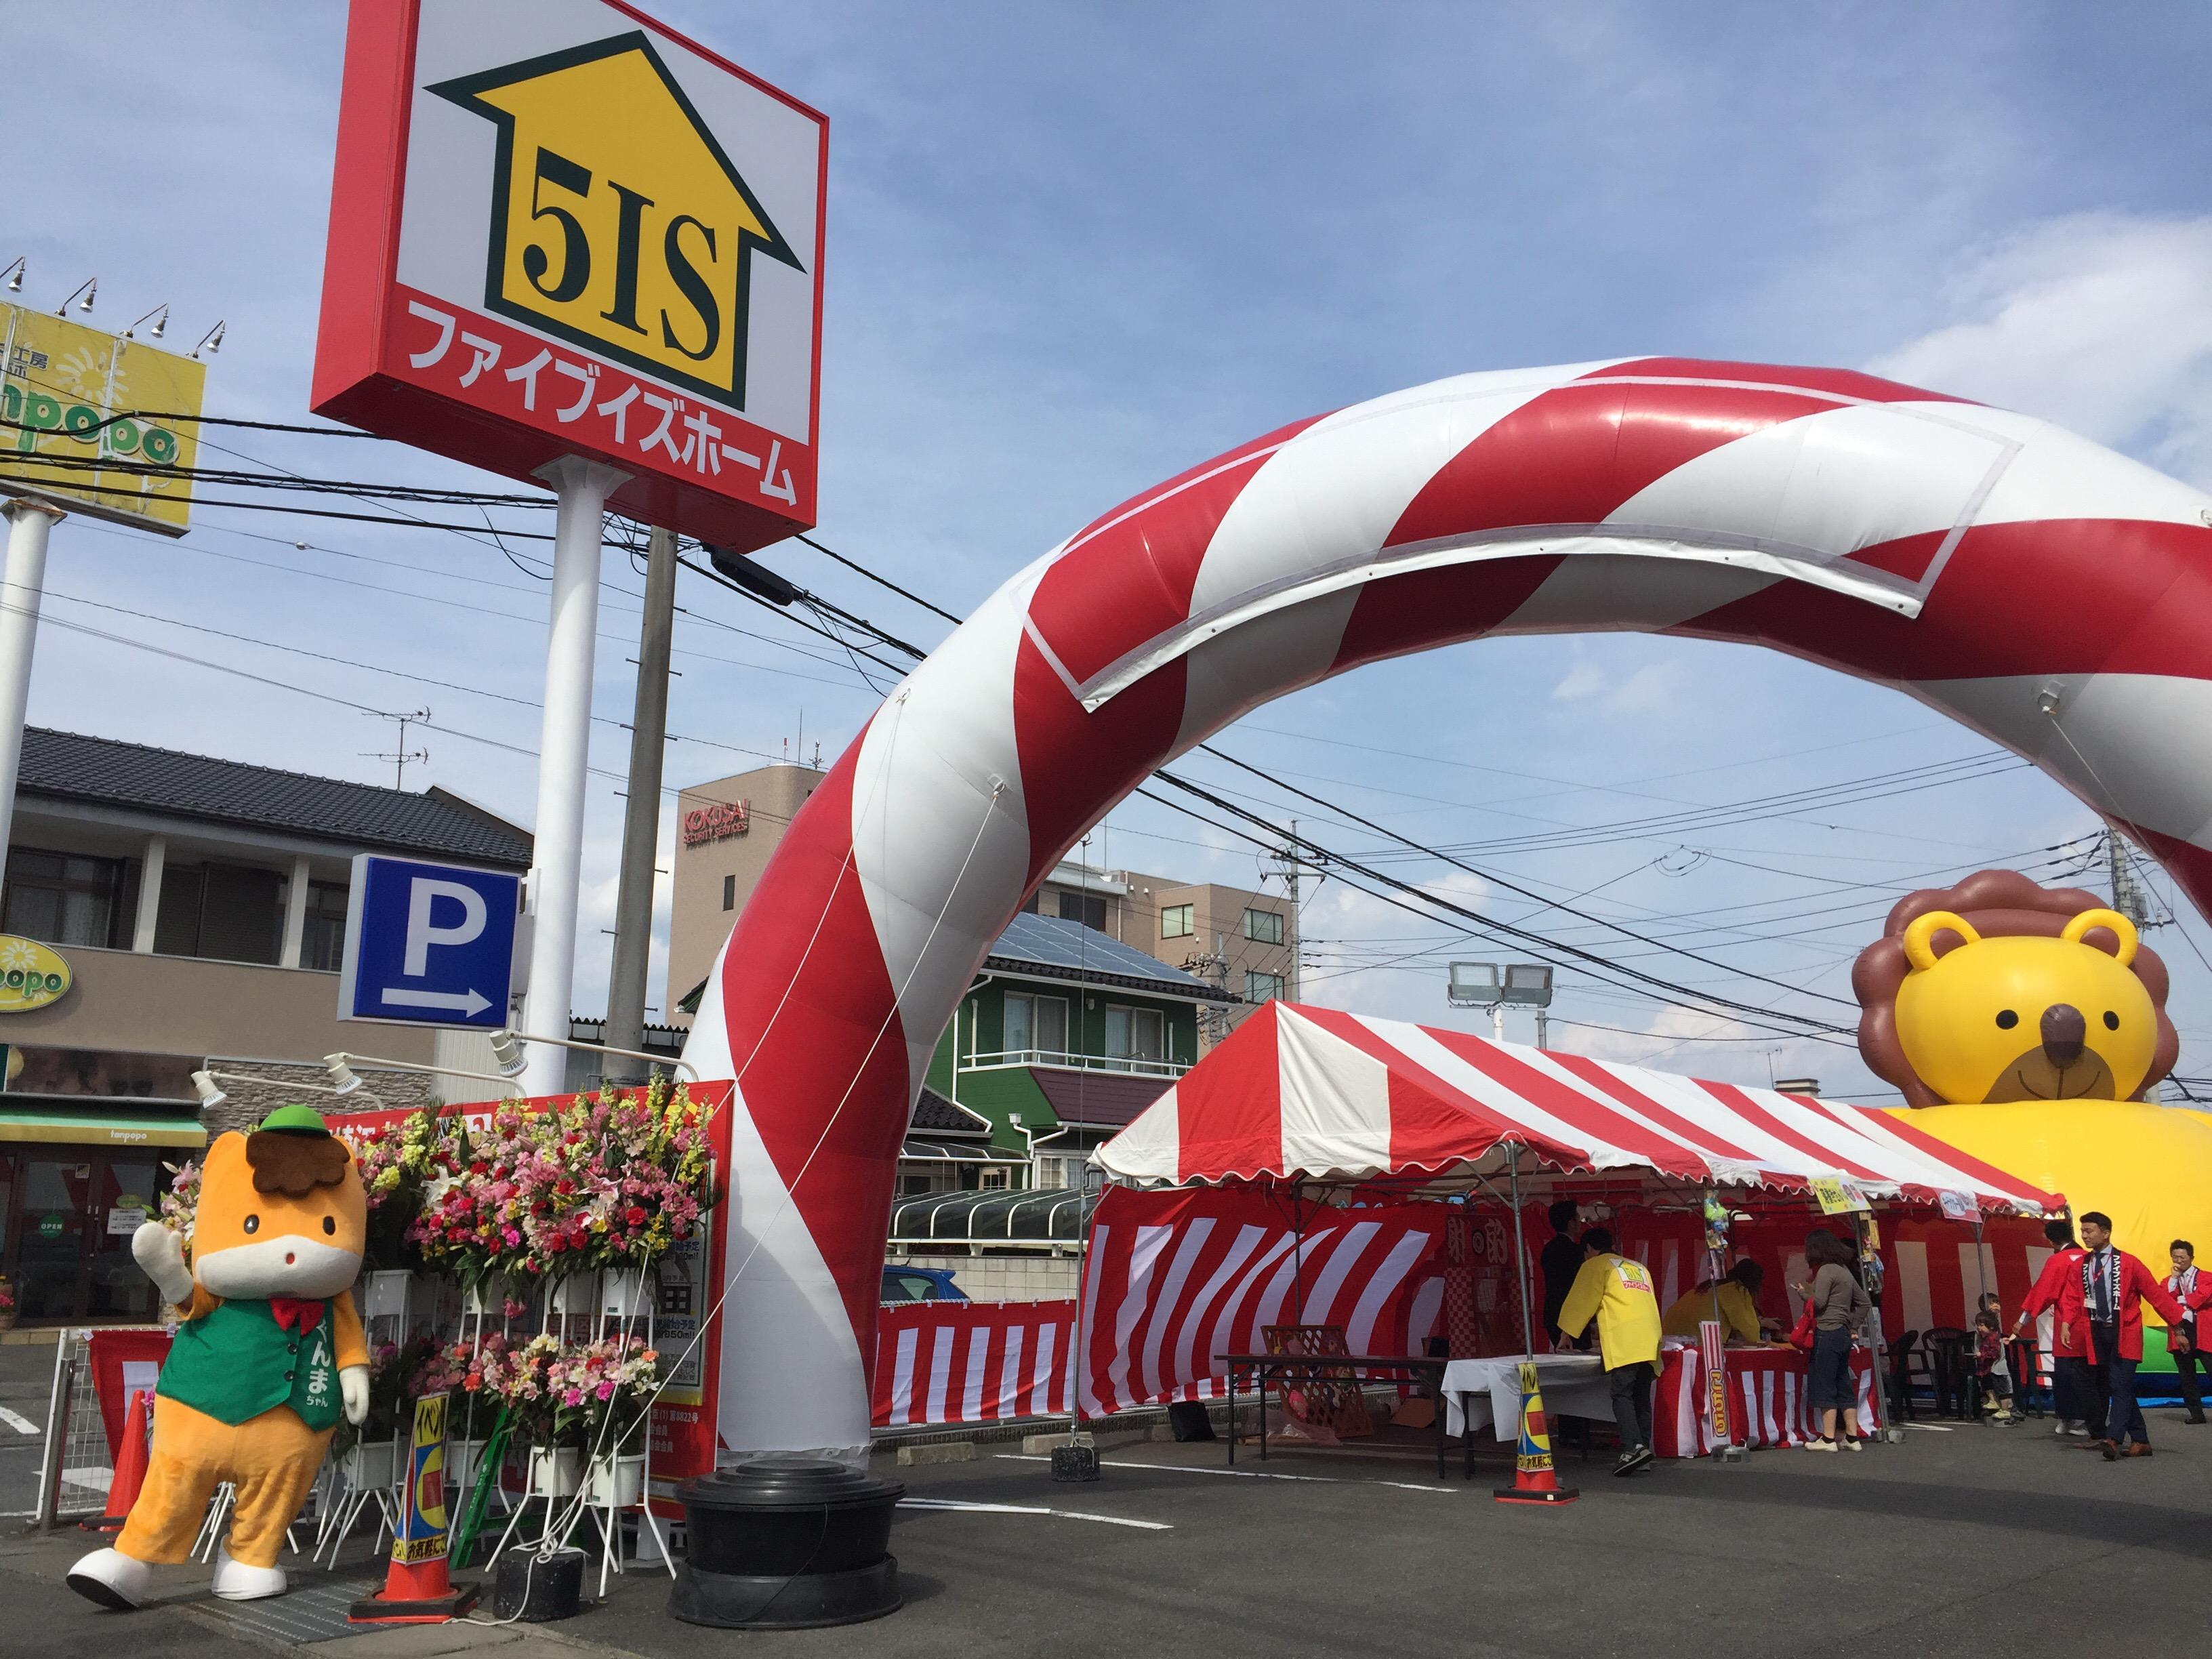 ぐんまちゃんファイブイズホーム高崎店